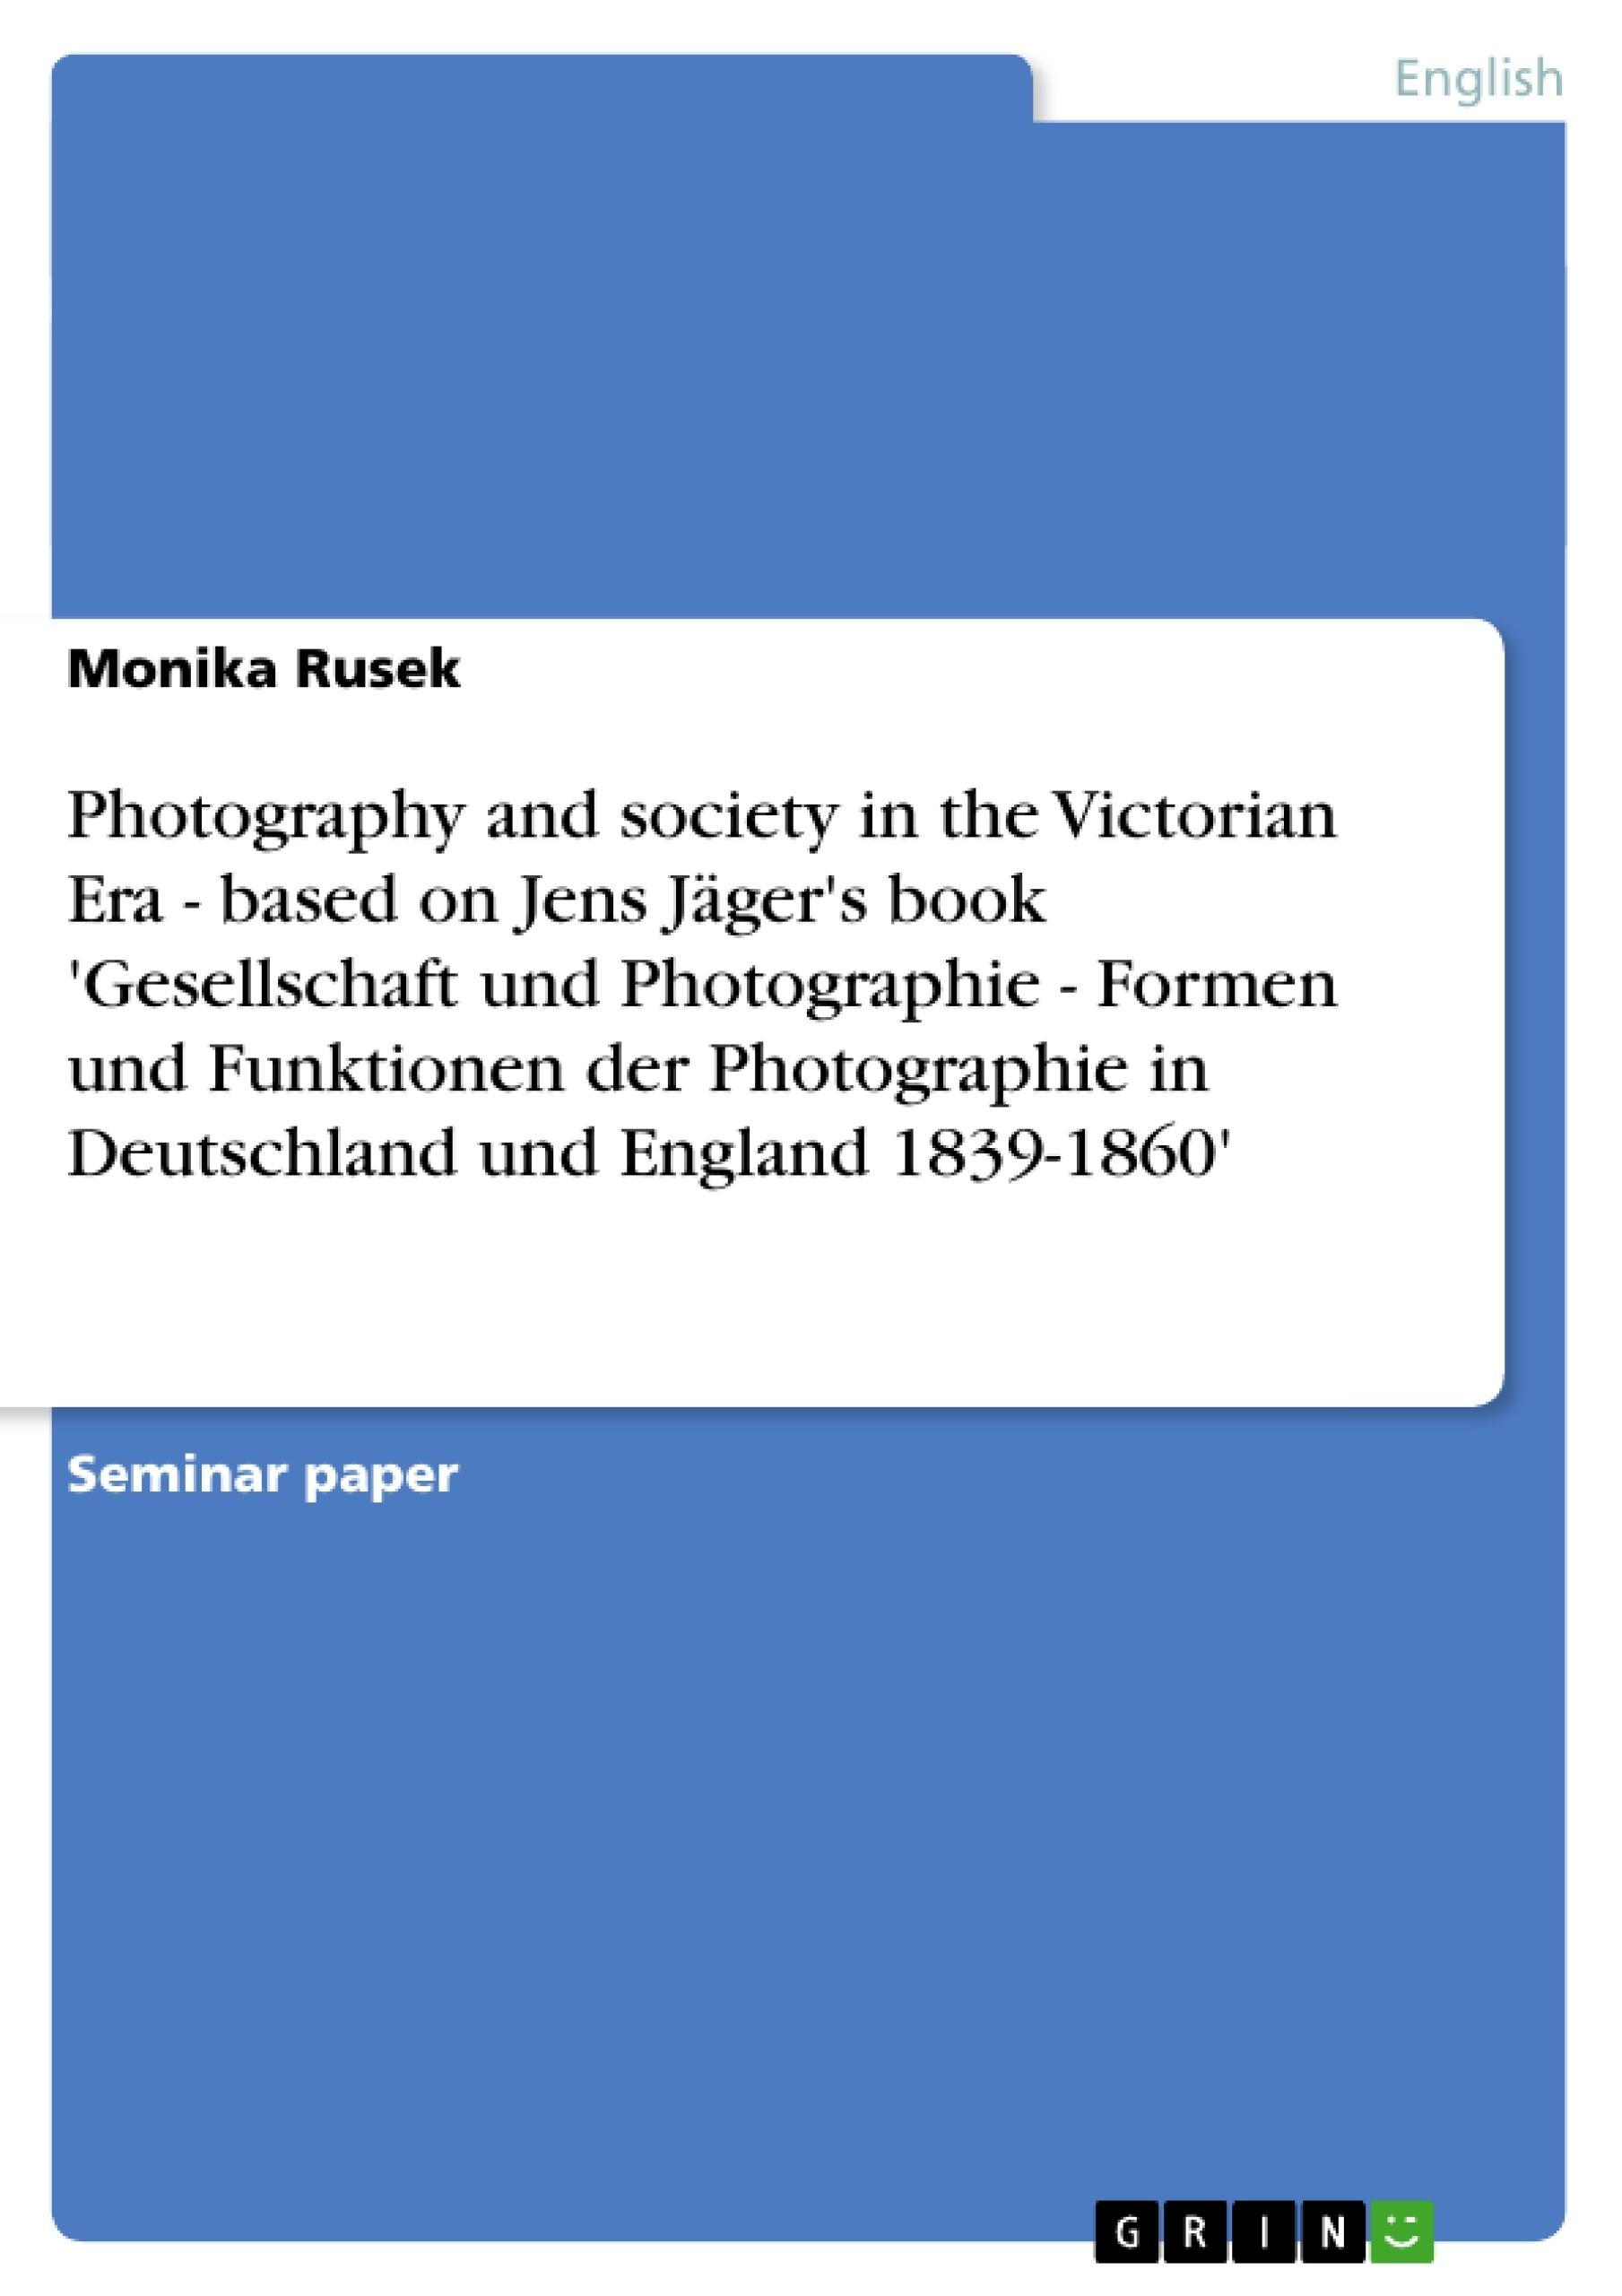 Title: Photography and society in the Victorian Era - based on Jens Jäger's book 'Gesellschaft und Photographie - Formen und Funktionen der Photographie in Deutschland und England 1839-1860'